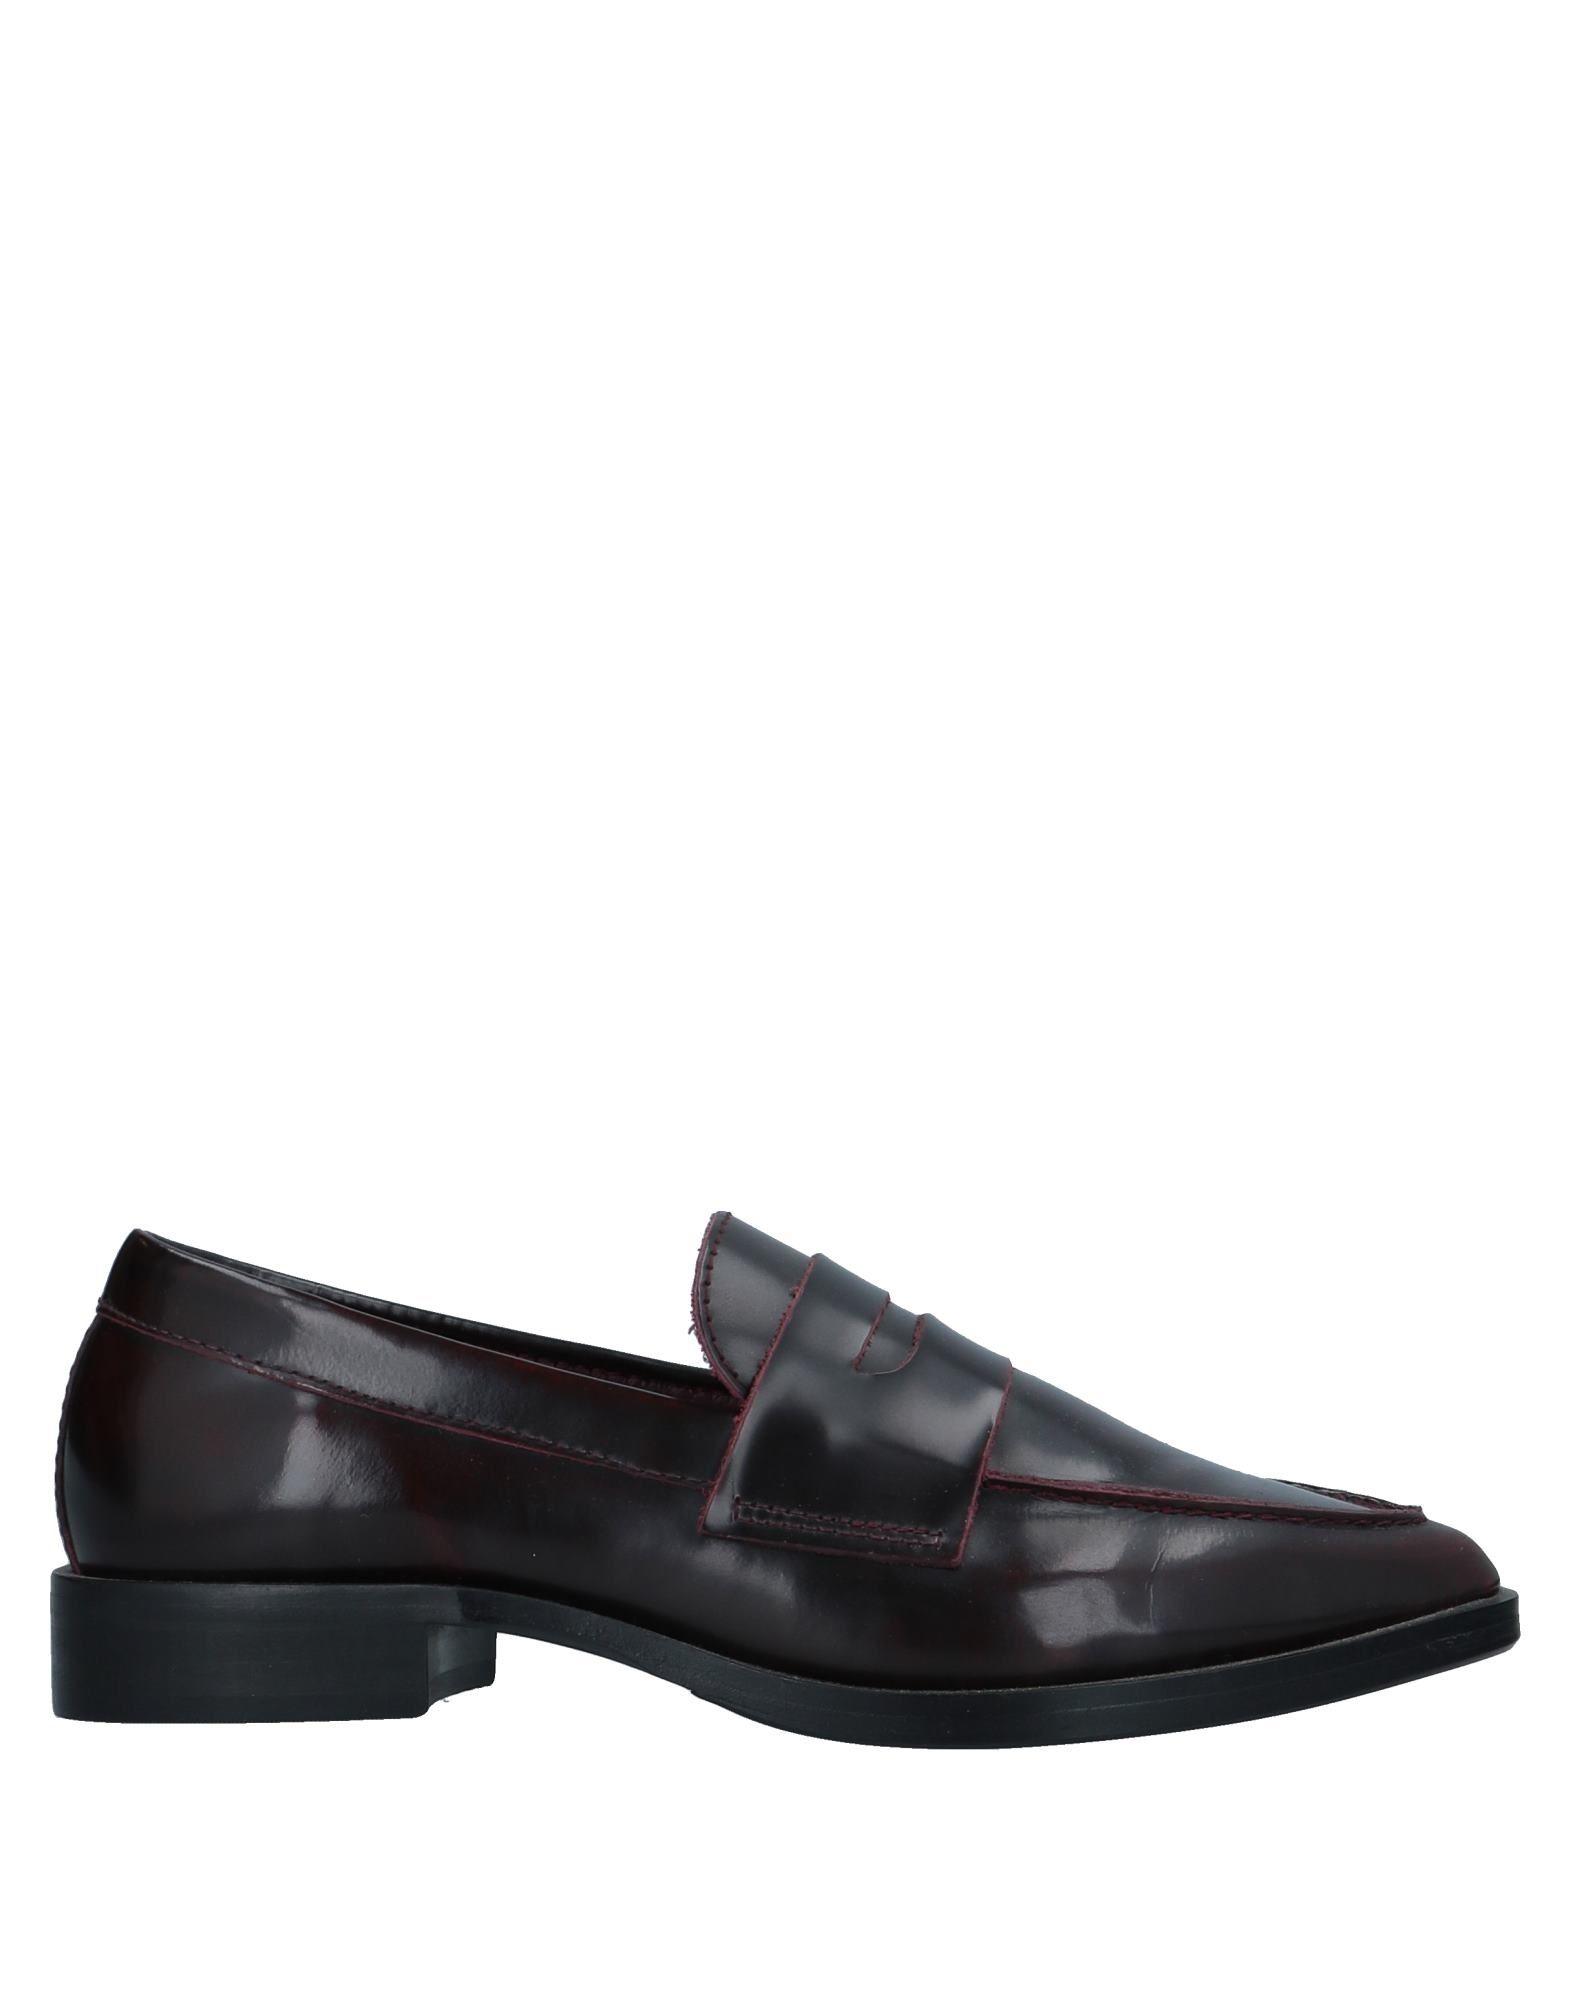 Steve Madden Mokassins Damen  11504592XO Gute Qualität beliebte Schuhe